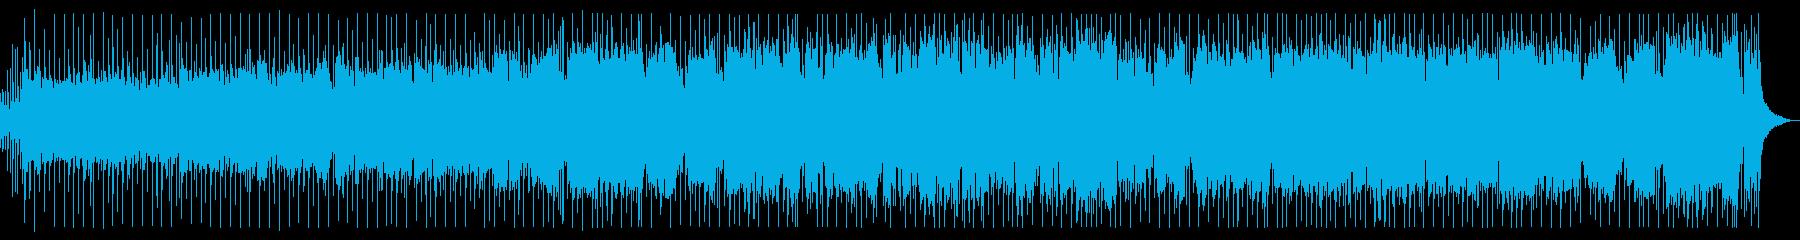 ザクザクギターのスピード感ある8ビートの再生済みの波形